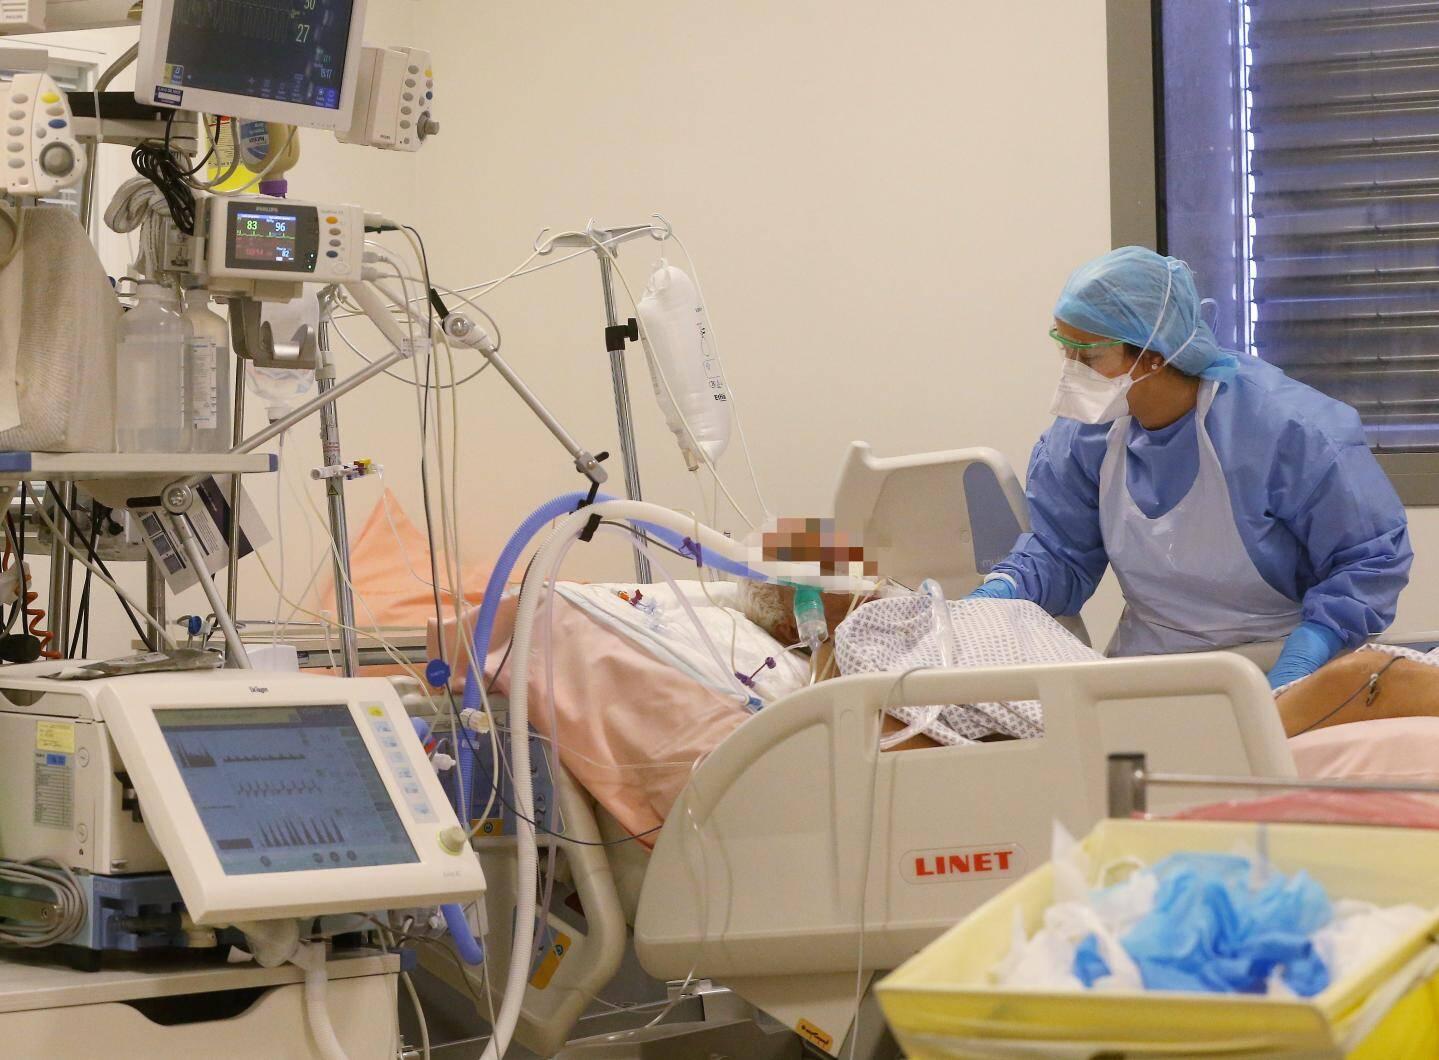 10 à 15% des malades sont hospitalisés.